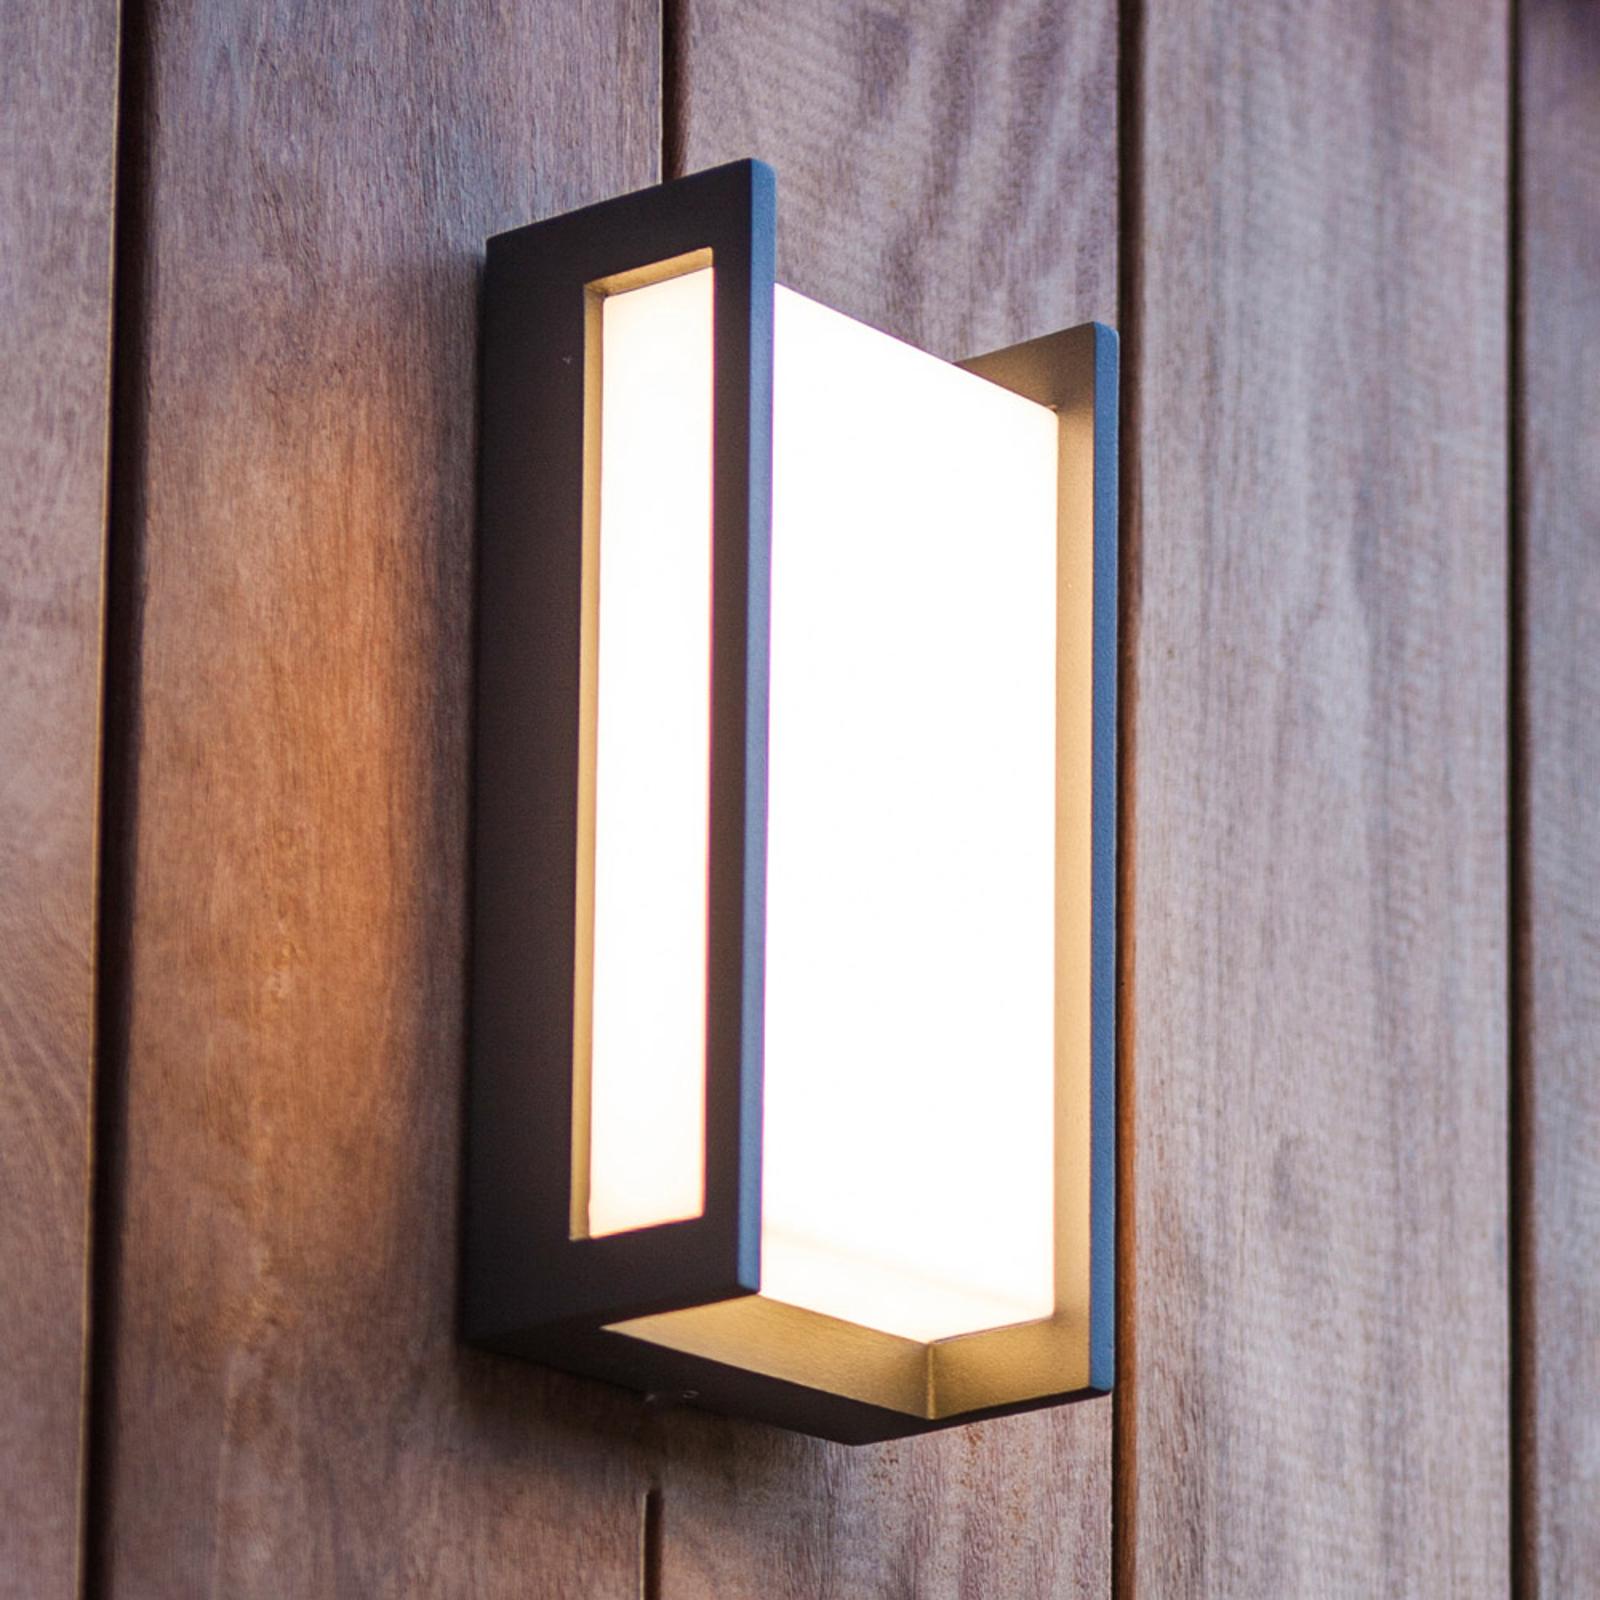 Qubo udendørs LED-væglampe, RGBW smart styring